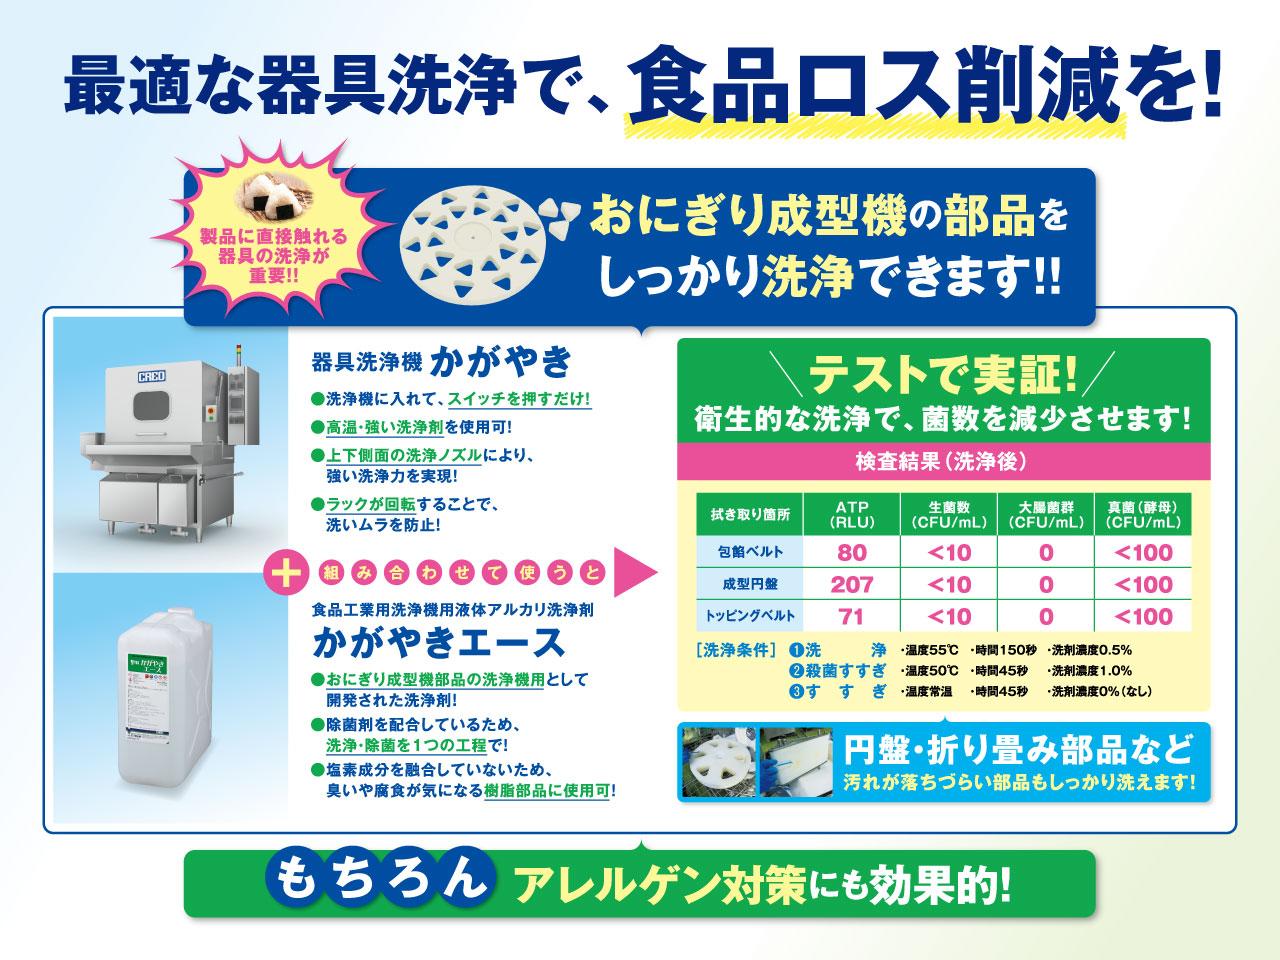 最適な器具洗浄で、食品ロス削減を!